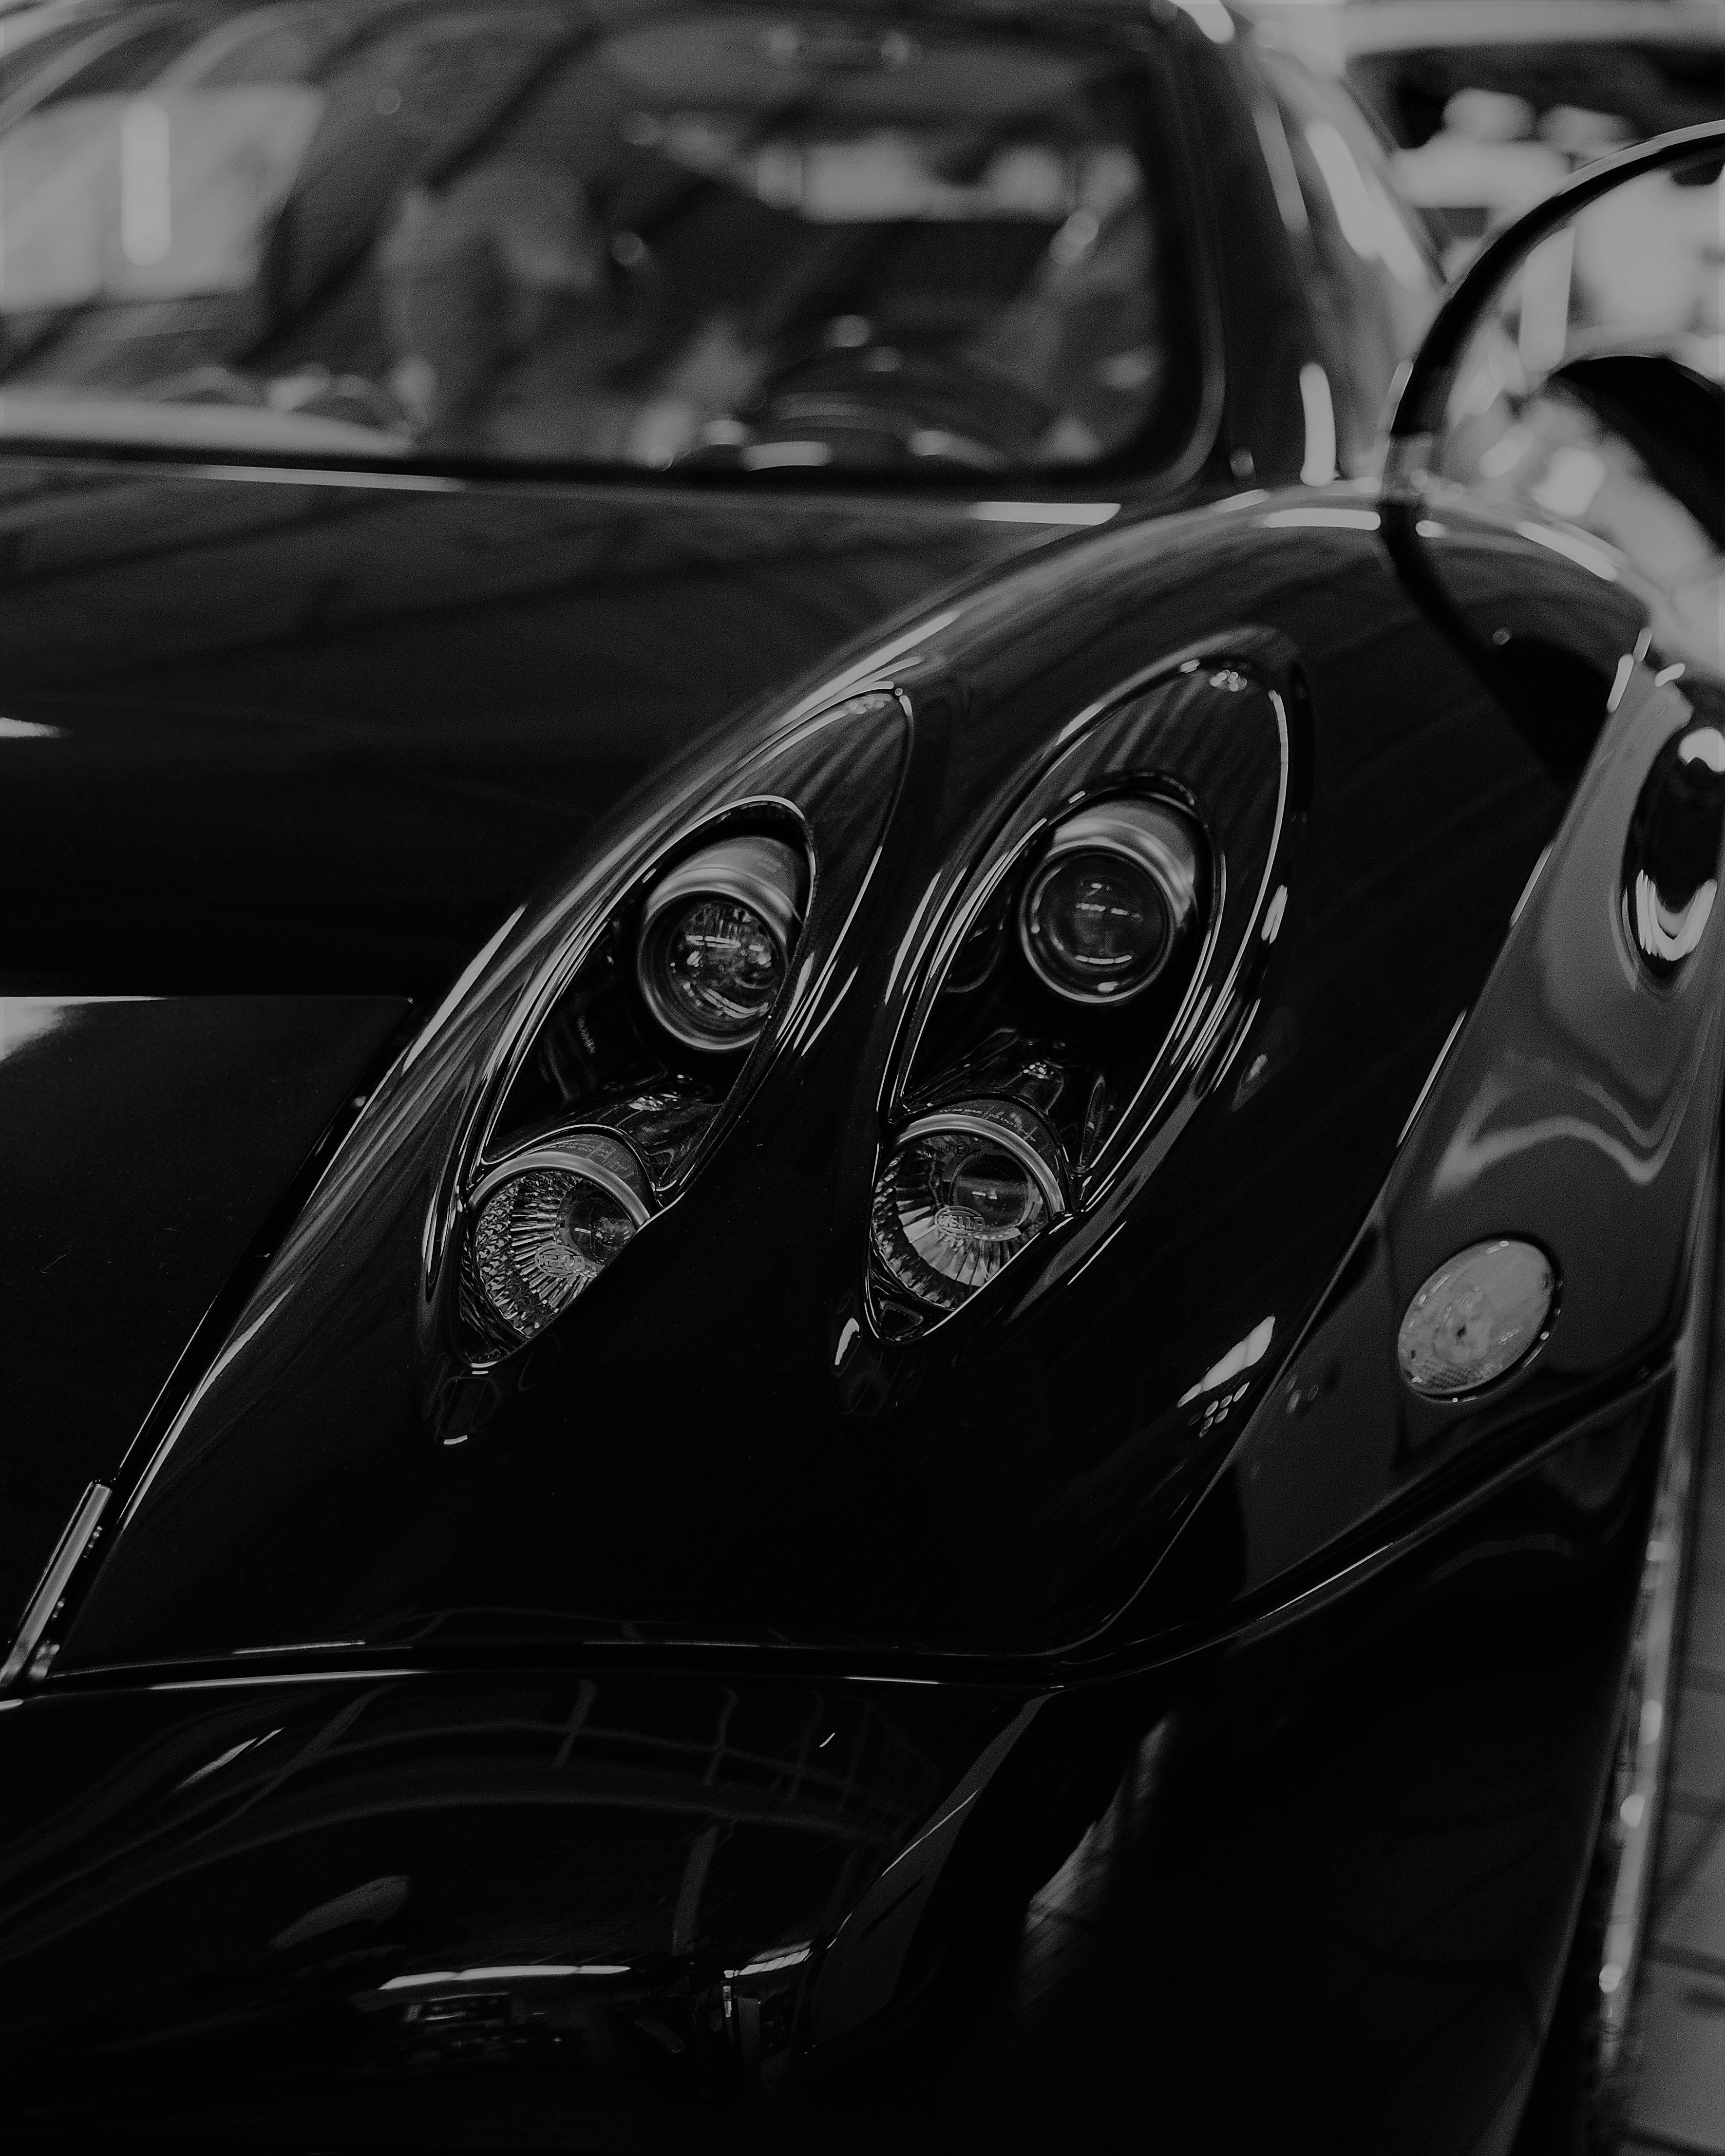 Faróis de carro preto